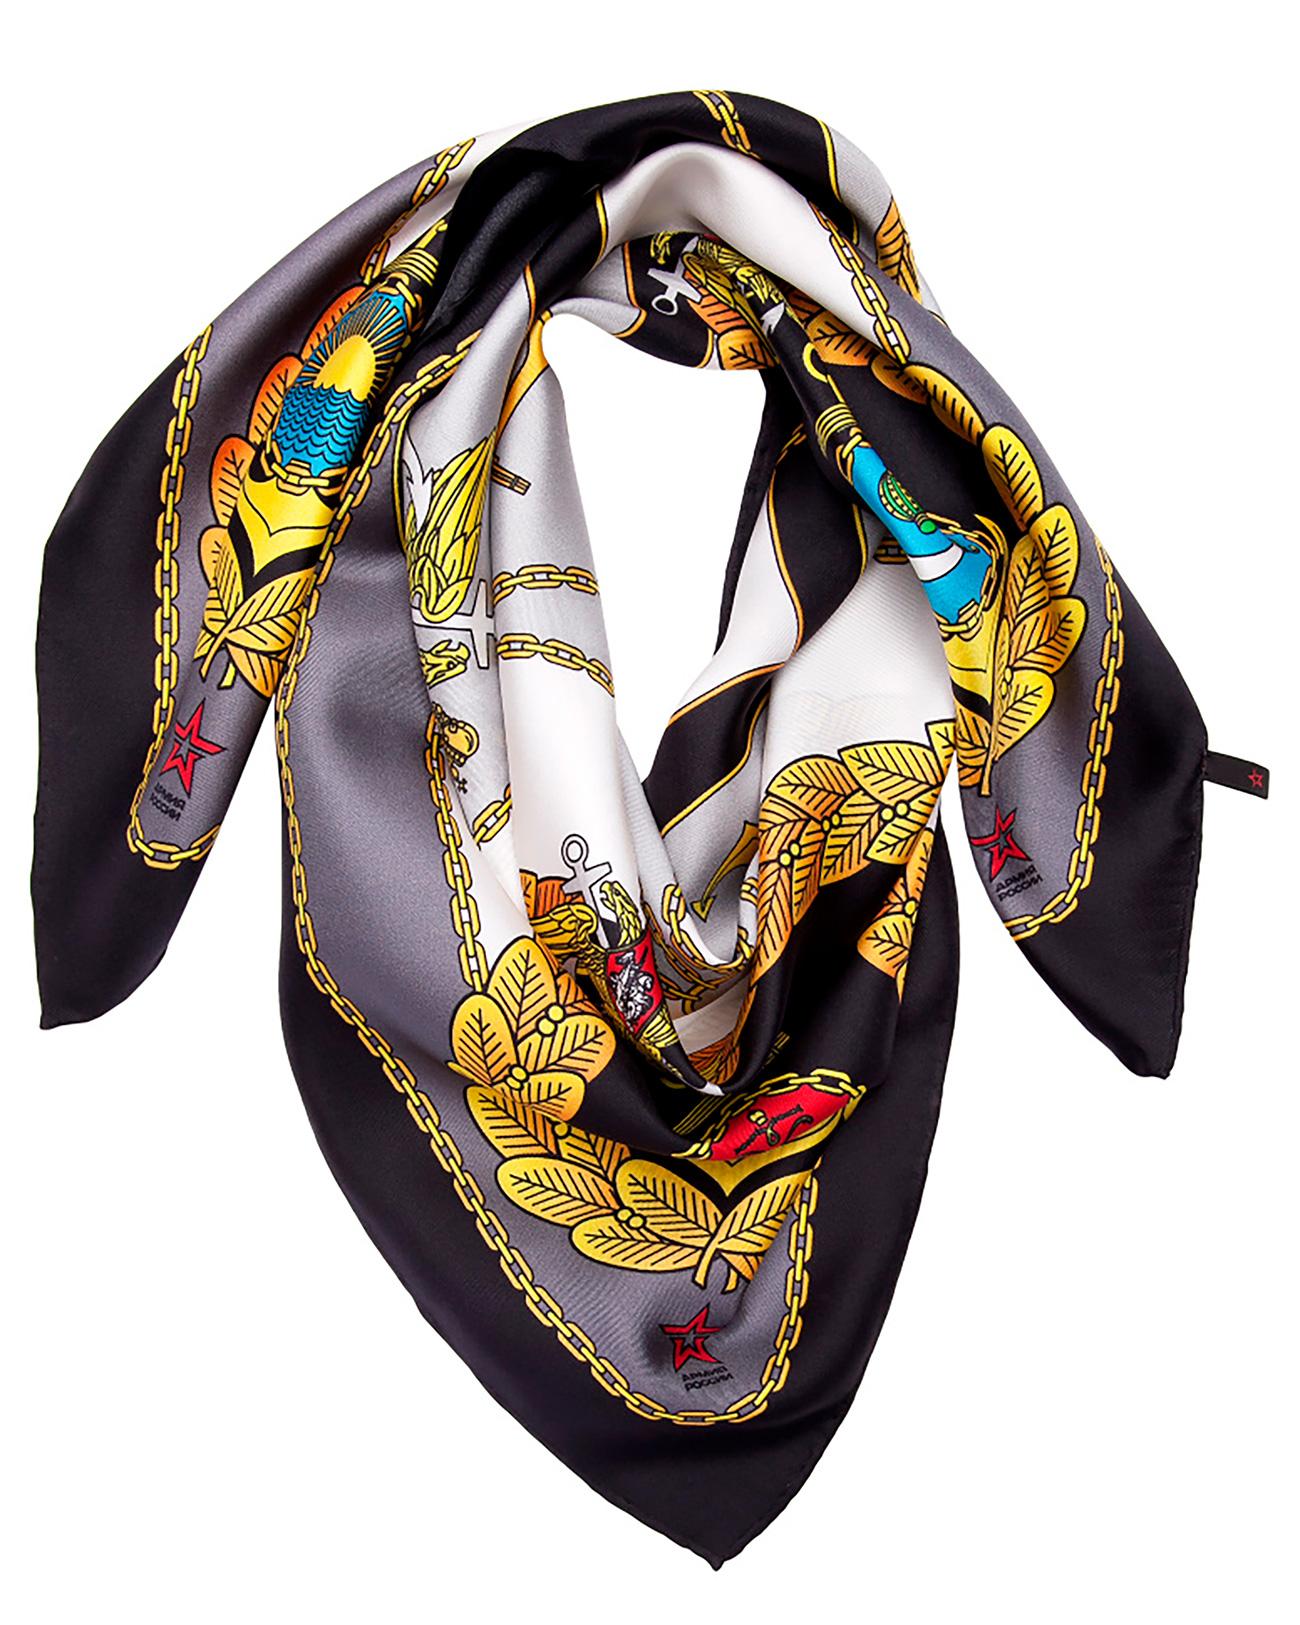 Une écharpe en soie où figurent des symboles militaires, n'est-elle pas un joli cadeau pour votre petite amie ou votre femme? Crédit: Armée de Russie/armiyarossii.ru